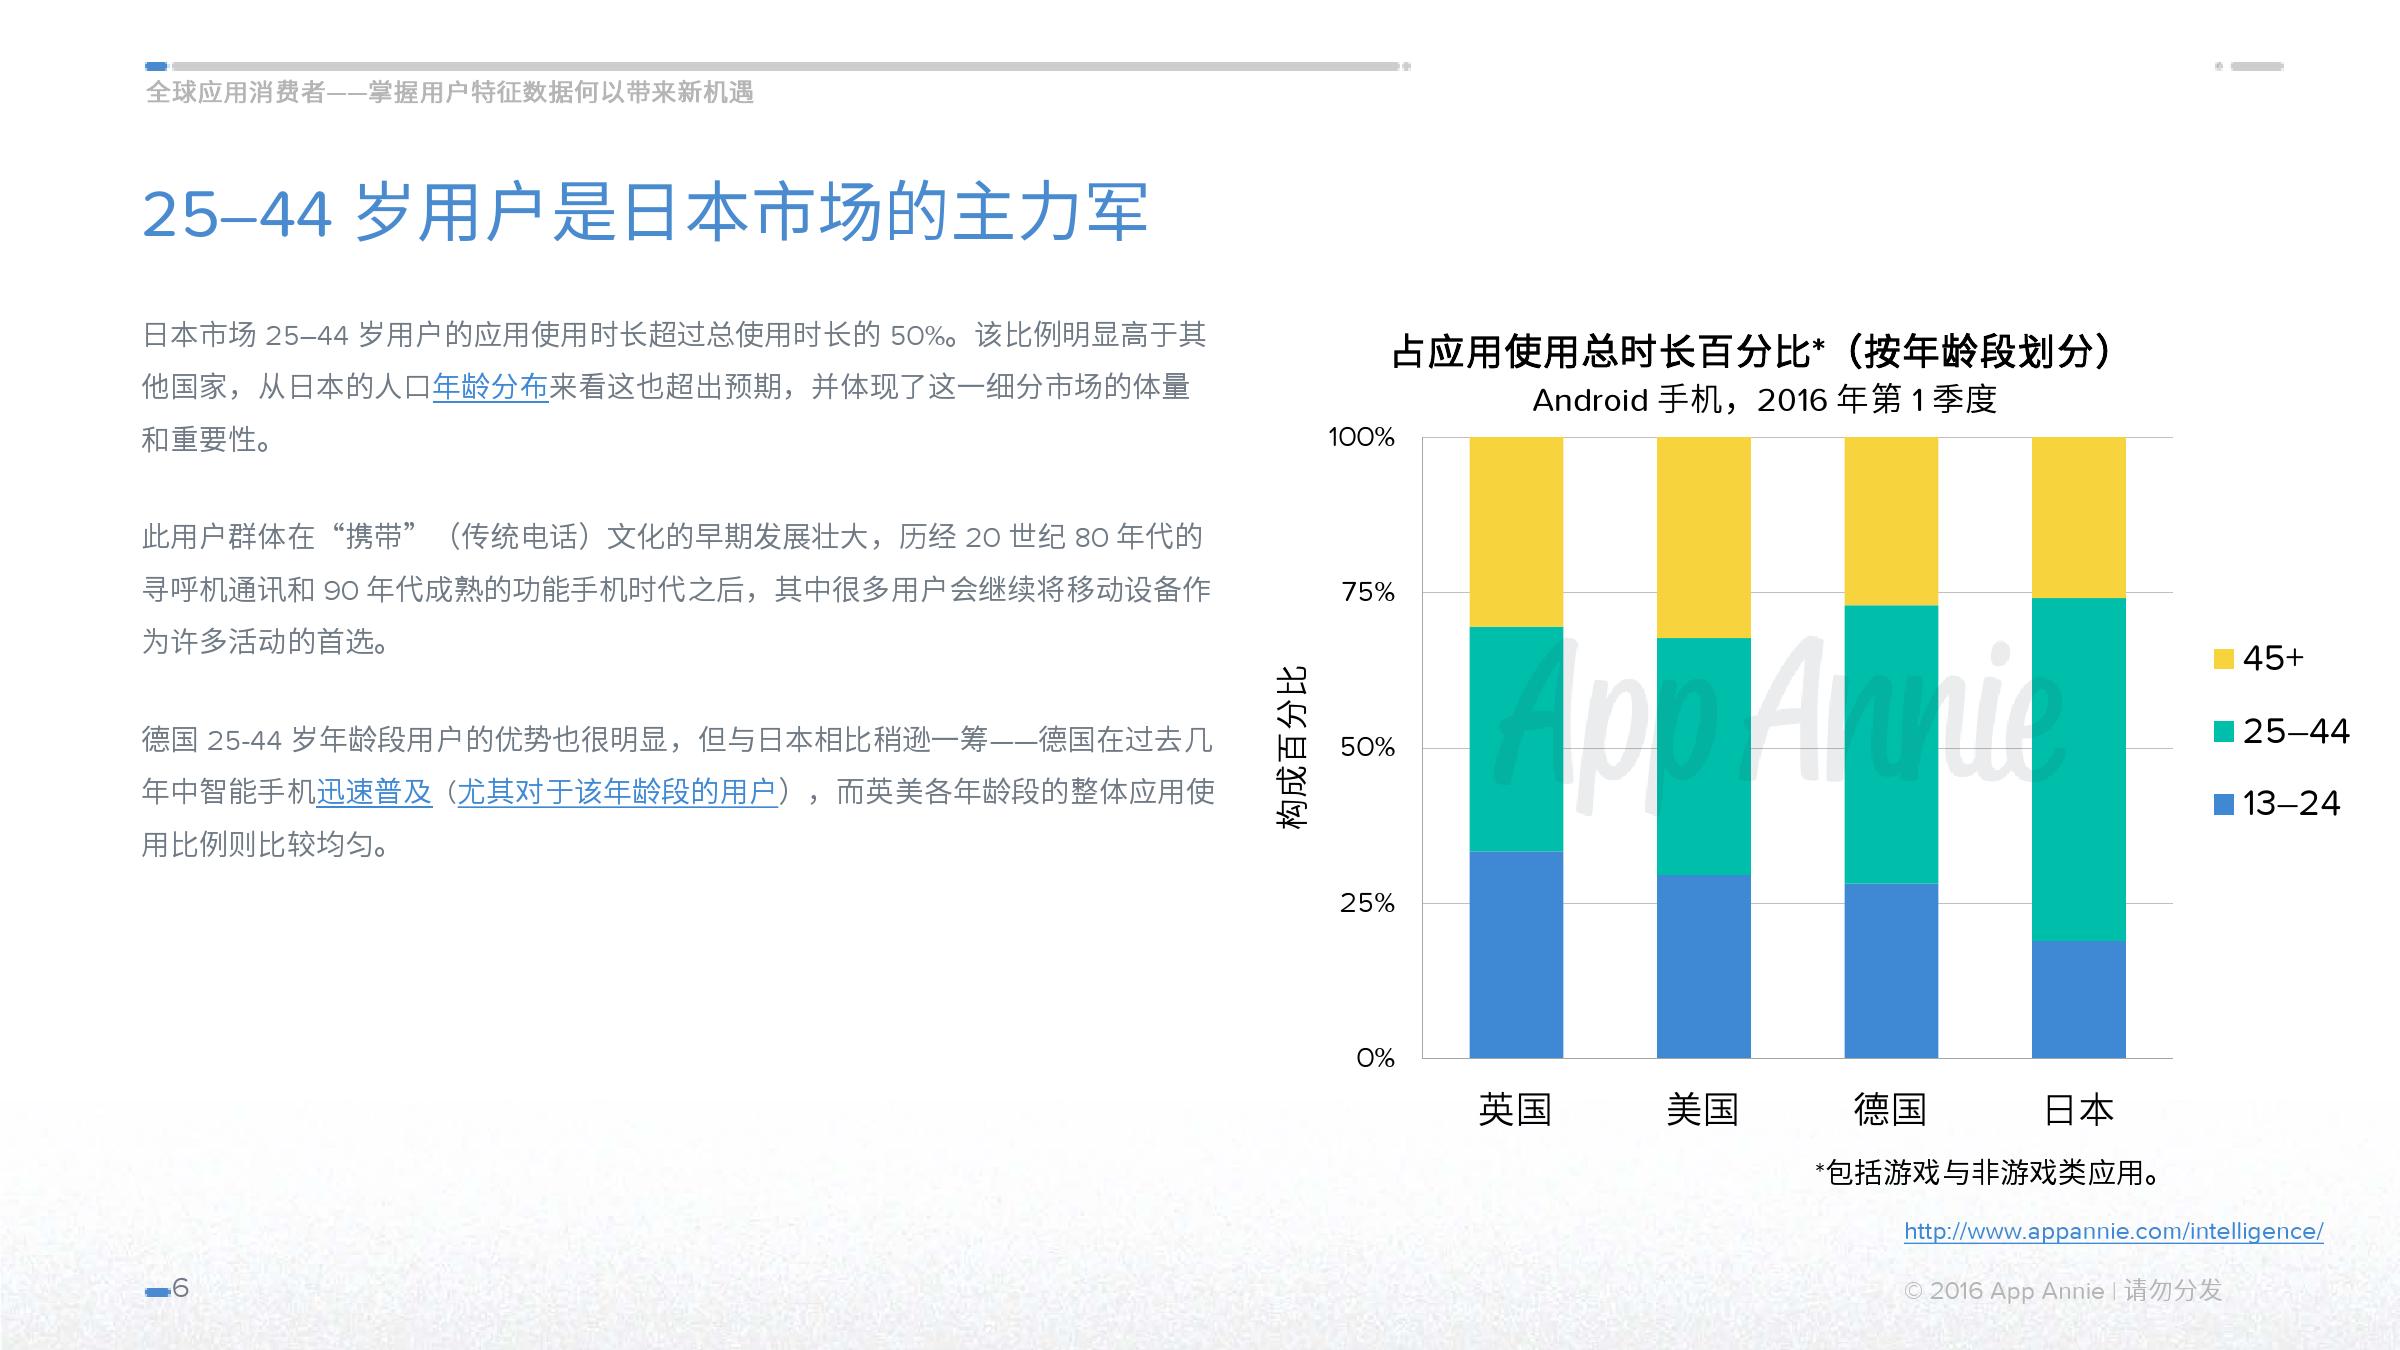 The-Global-App-Consumer-Understanding-Demographics-June-2016_CN_000006